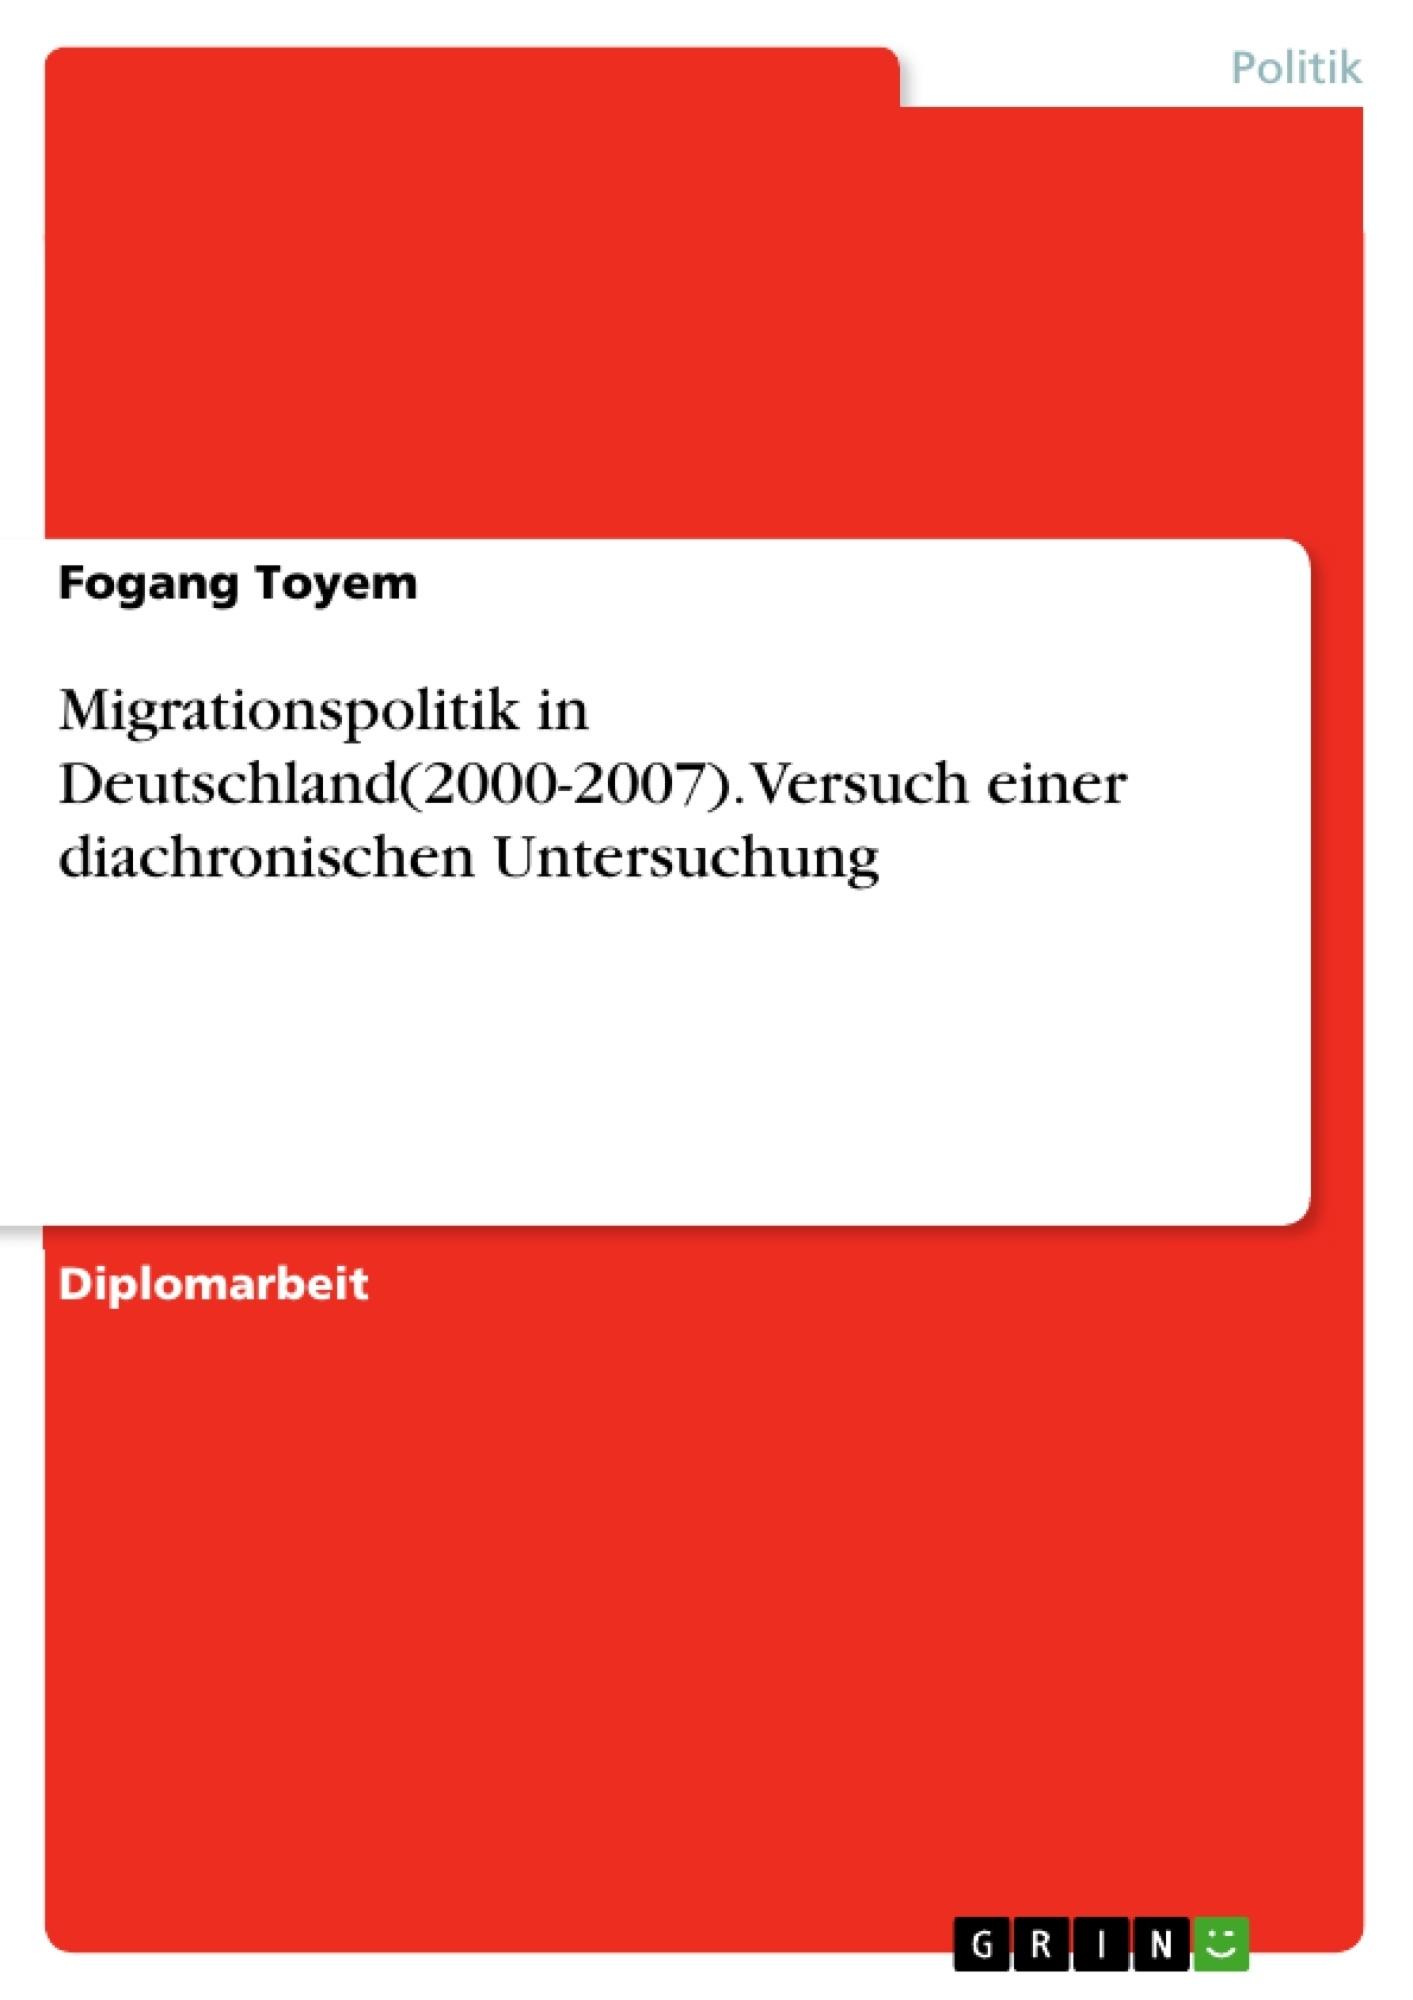 Titel: Migrationspolitik in Deutschland(2000-2007). Versuch einer diachronischen Untersuchung